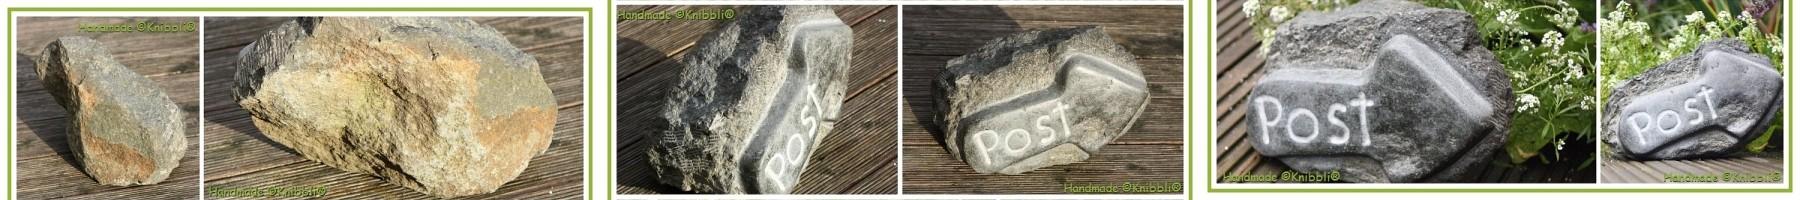 Stein-Kunst Zertifikat Einzelstück Markenschutz